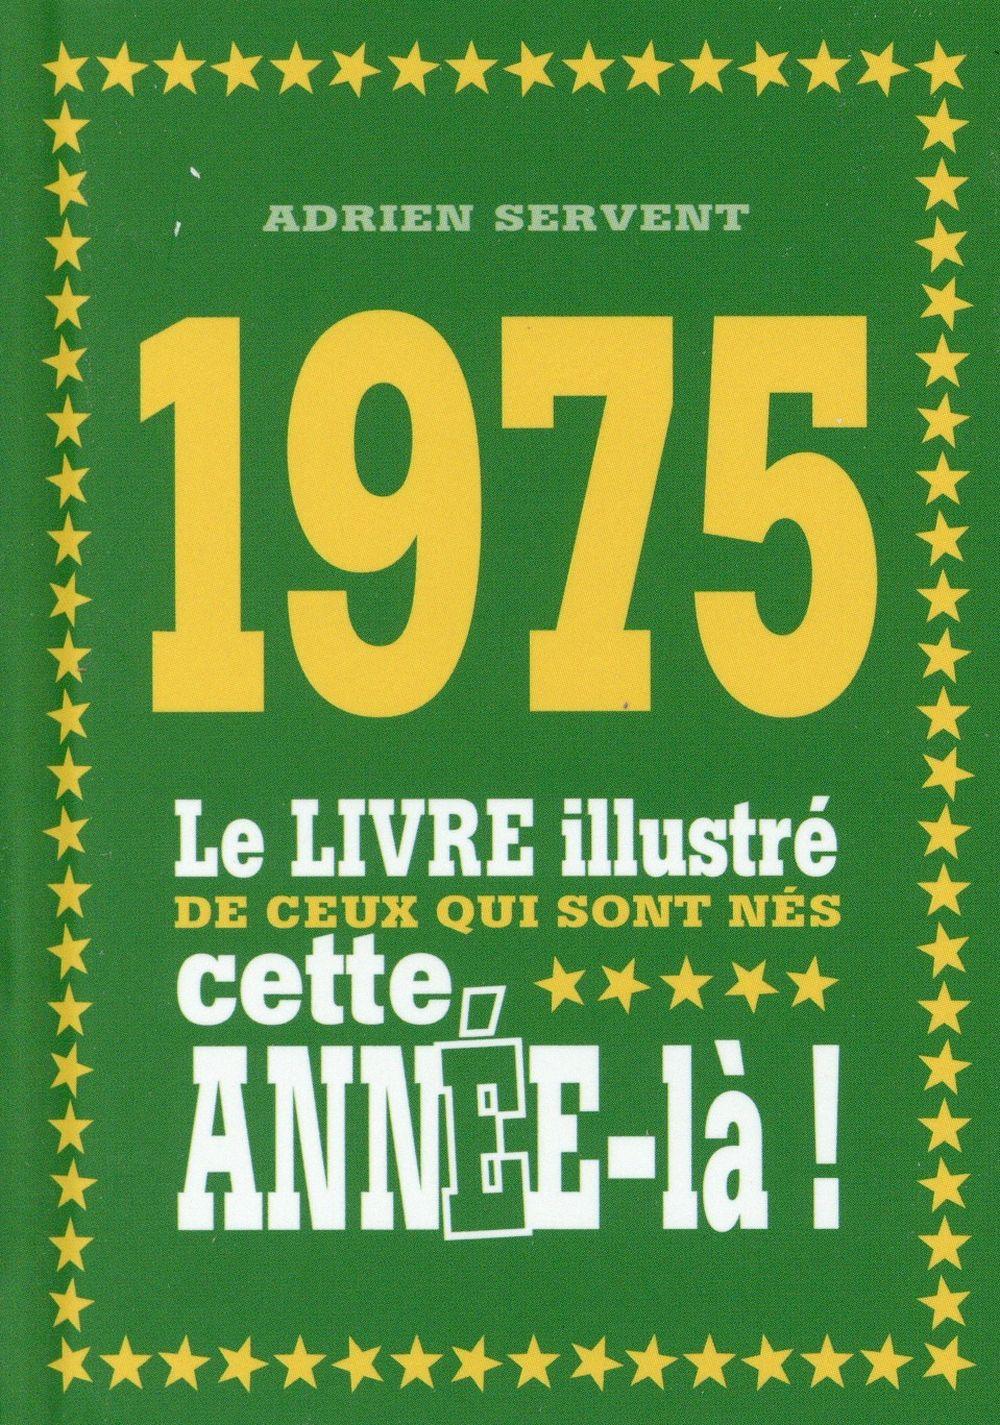 1975 LE LIVRE ILLUSTRE DE CEUX QUI SONT NES CETTE ANNEE-LA !